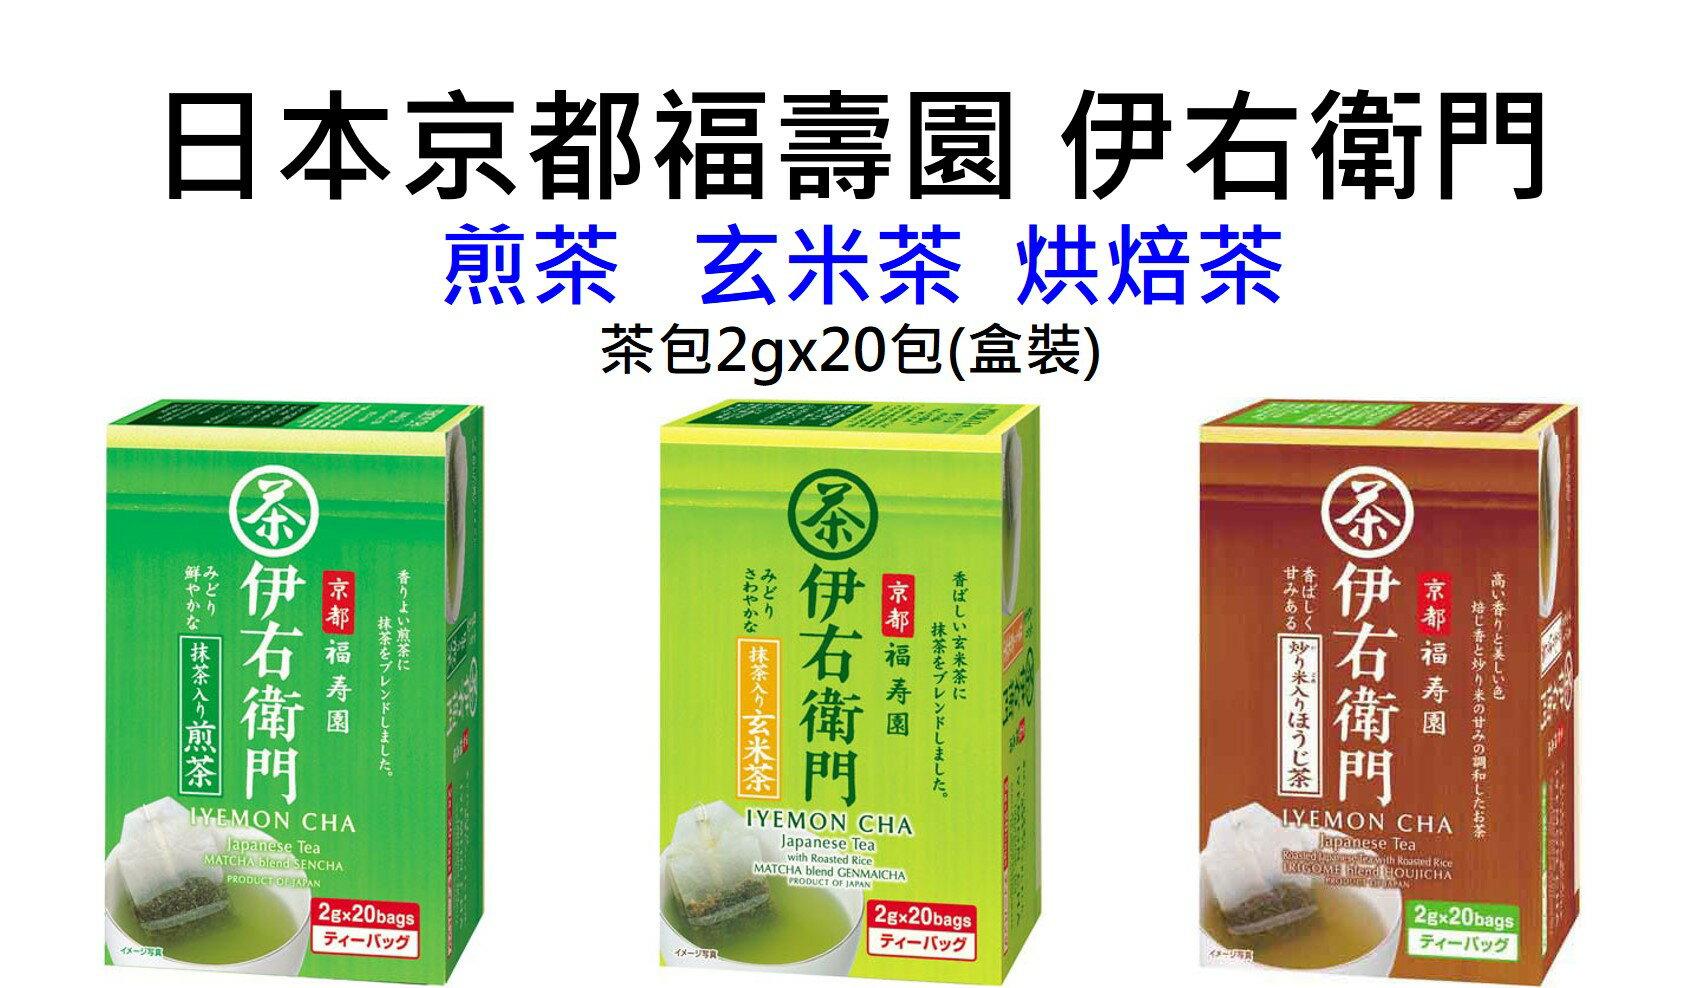 日本京都福壽園 伊右衛門 煎茶 烘焙茶 玄米茶- 茶包2gx20包(盒裝)